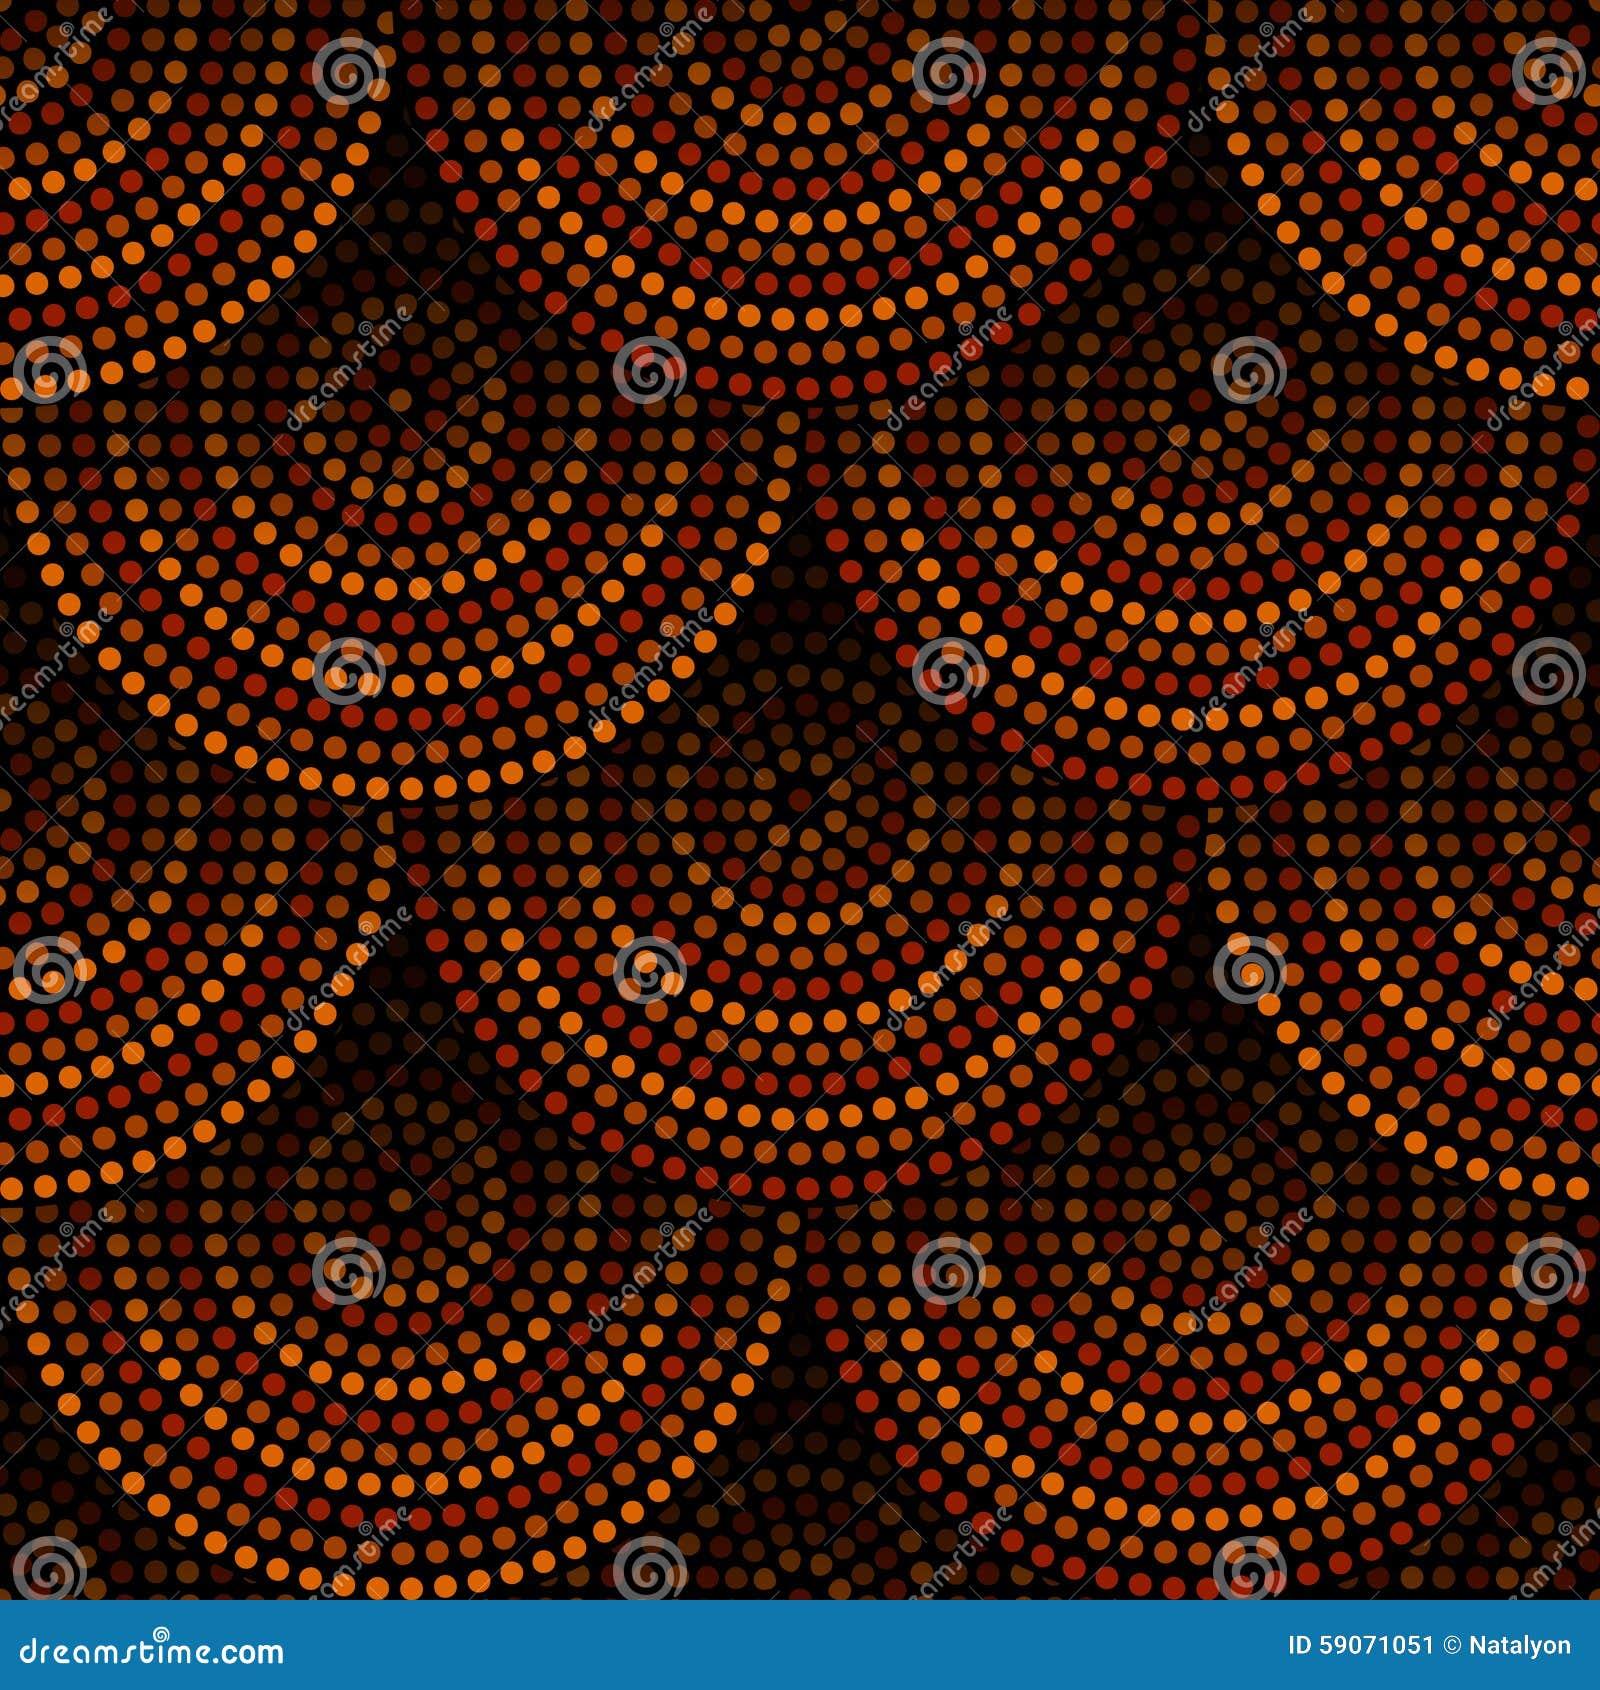 Австралийская аборигенная геометрическая картина концентрических кругов искусства безшовная в оранжевые коричневом и черный, вект